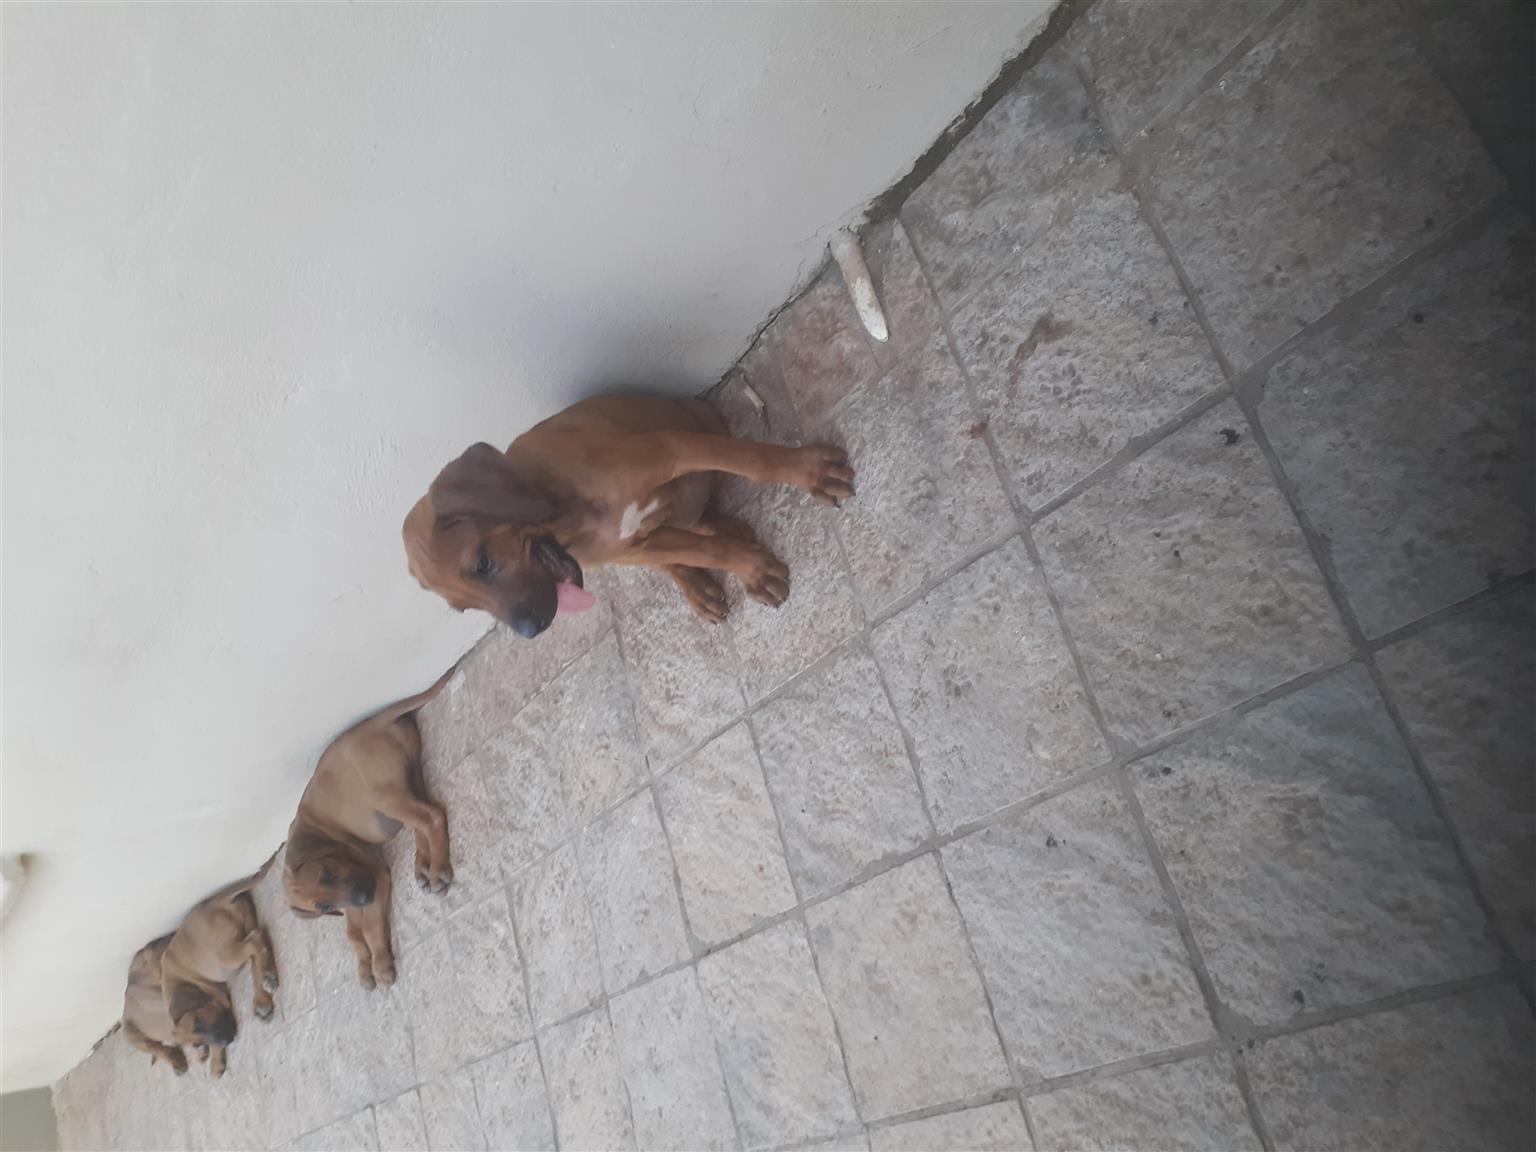 Ridgeback Puppies 9 weeks old